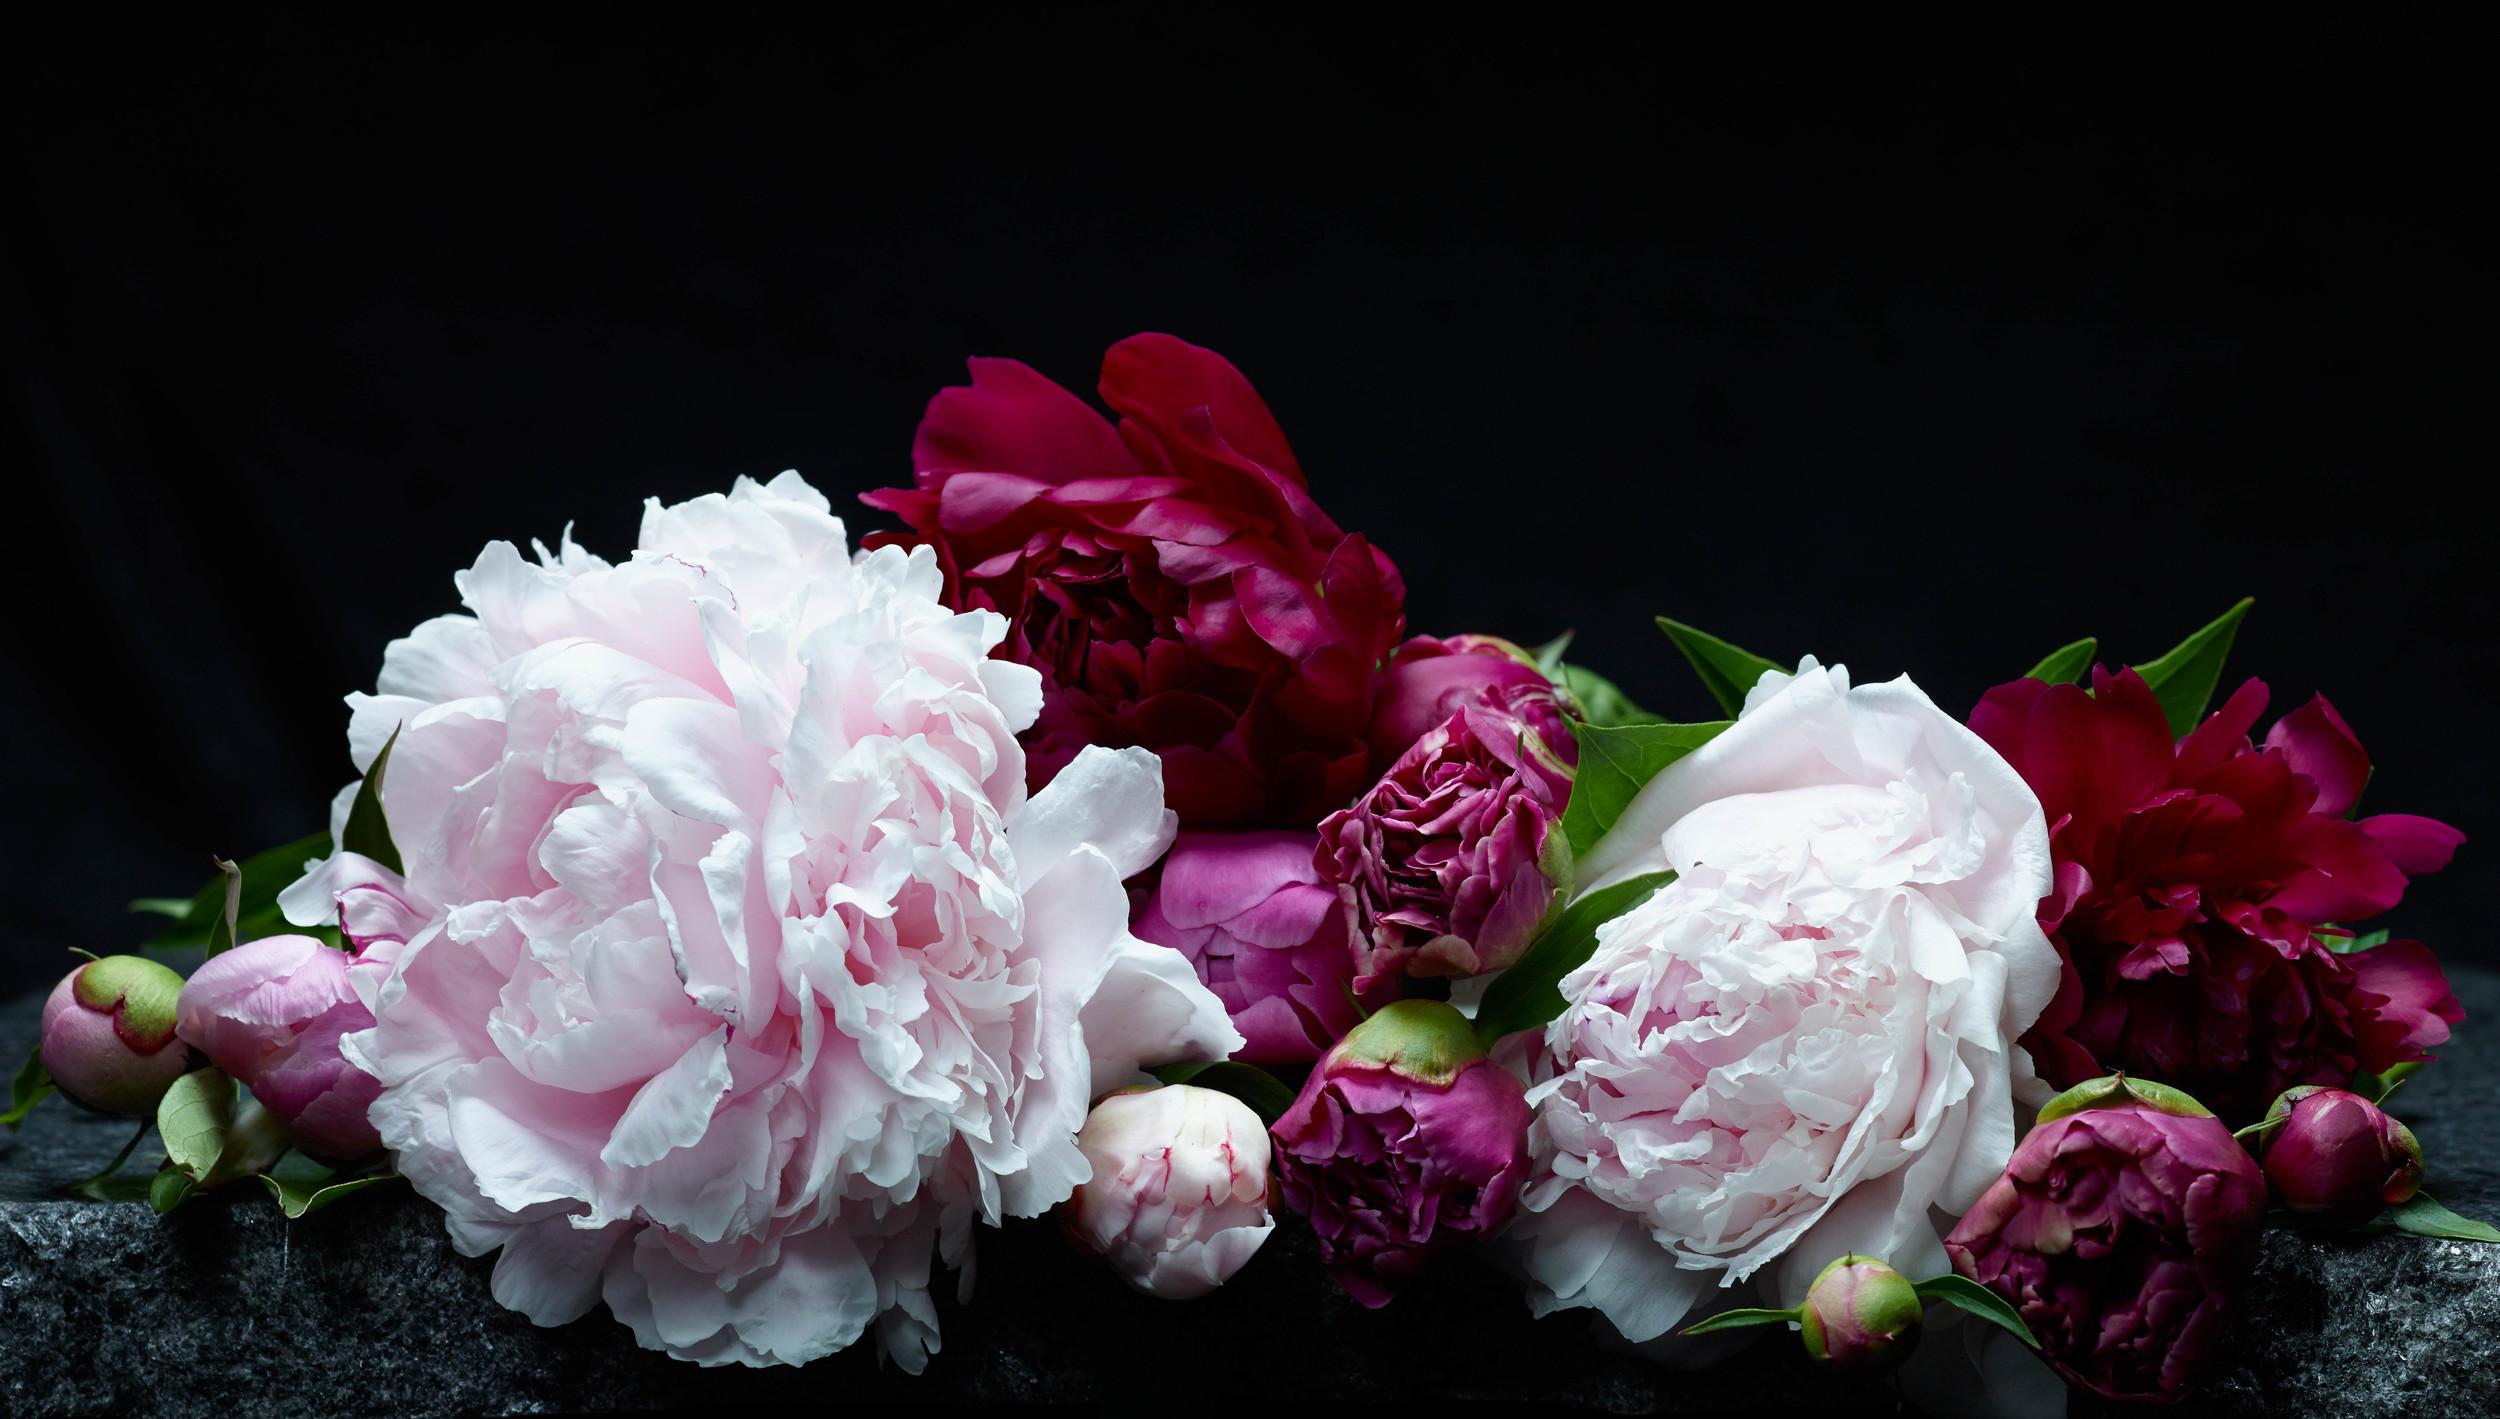 FlowerStillLife_v2_cropped.jpg